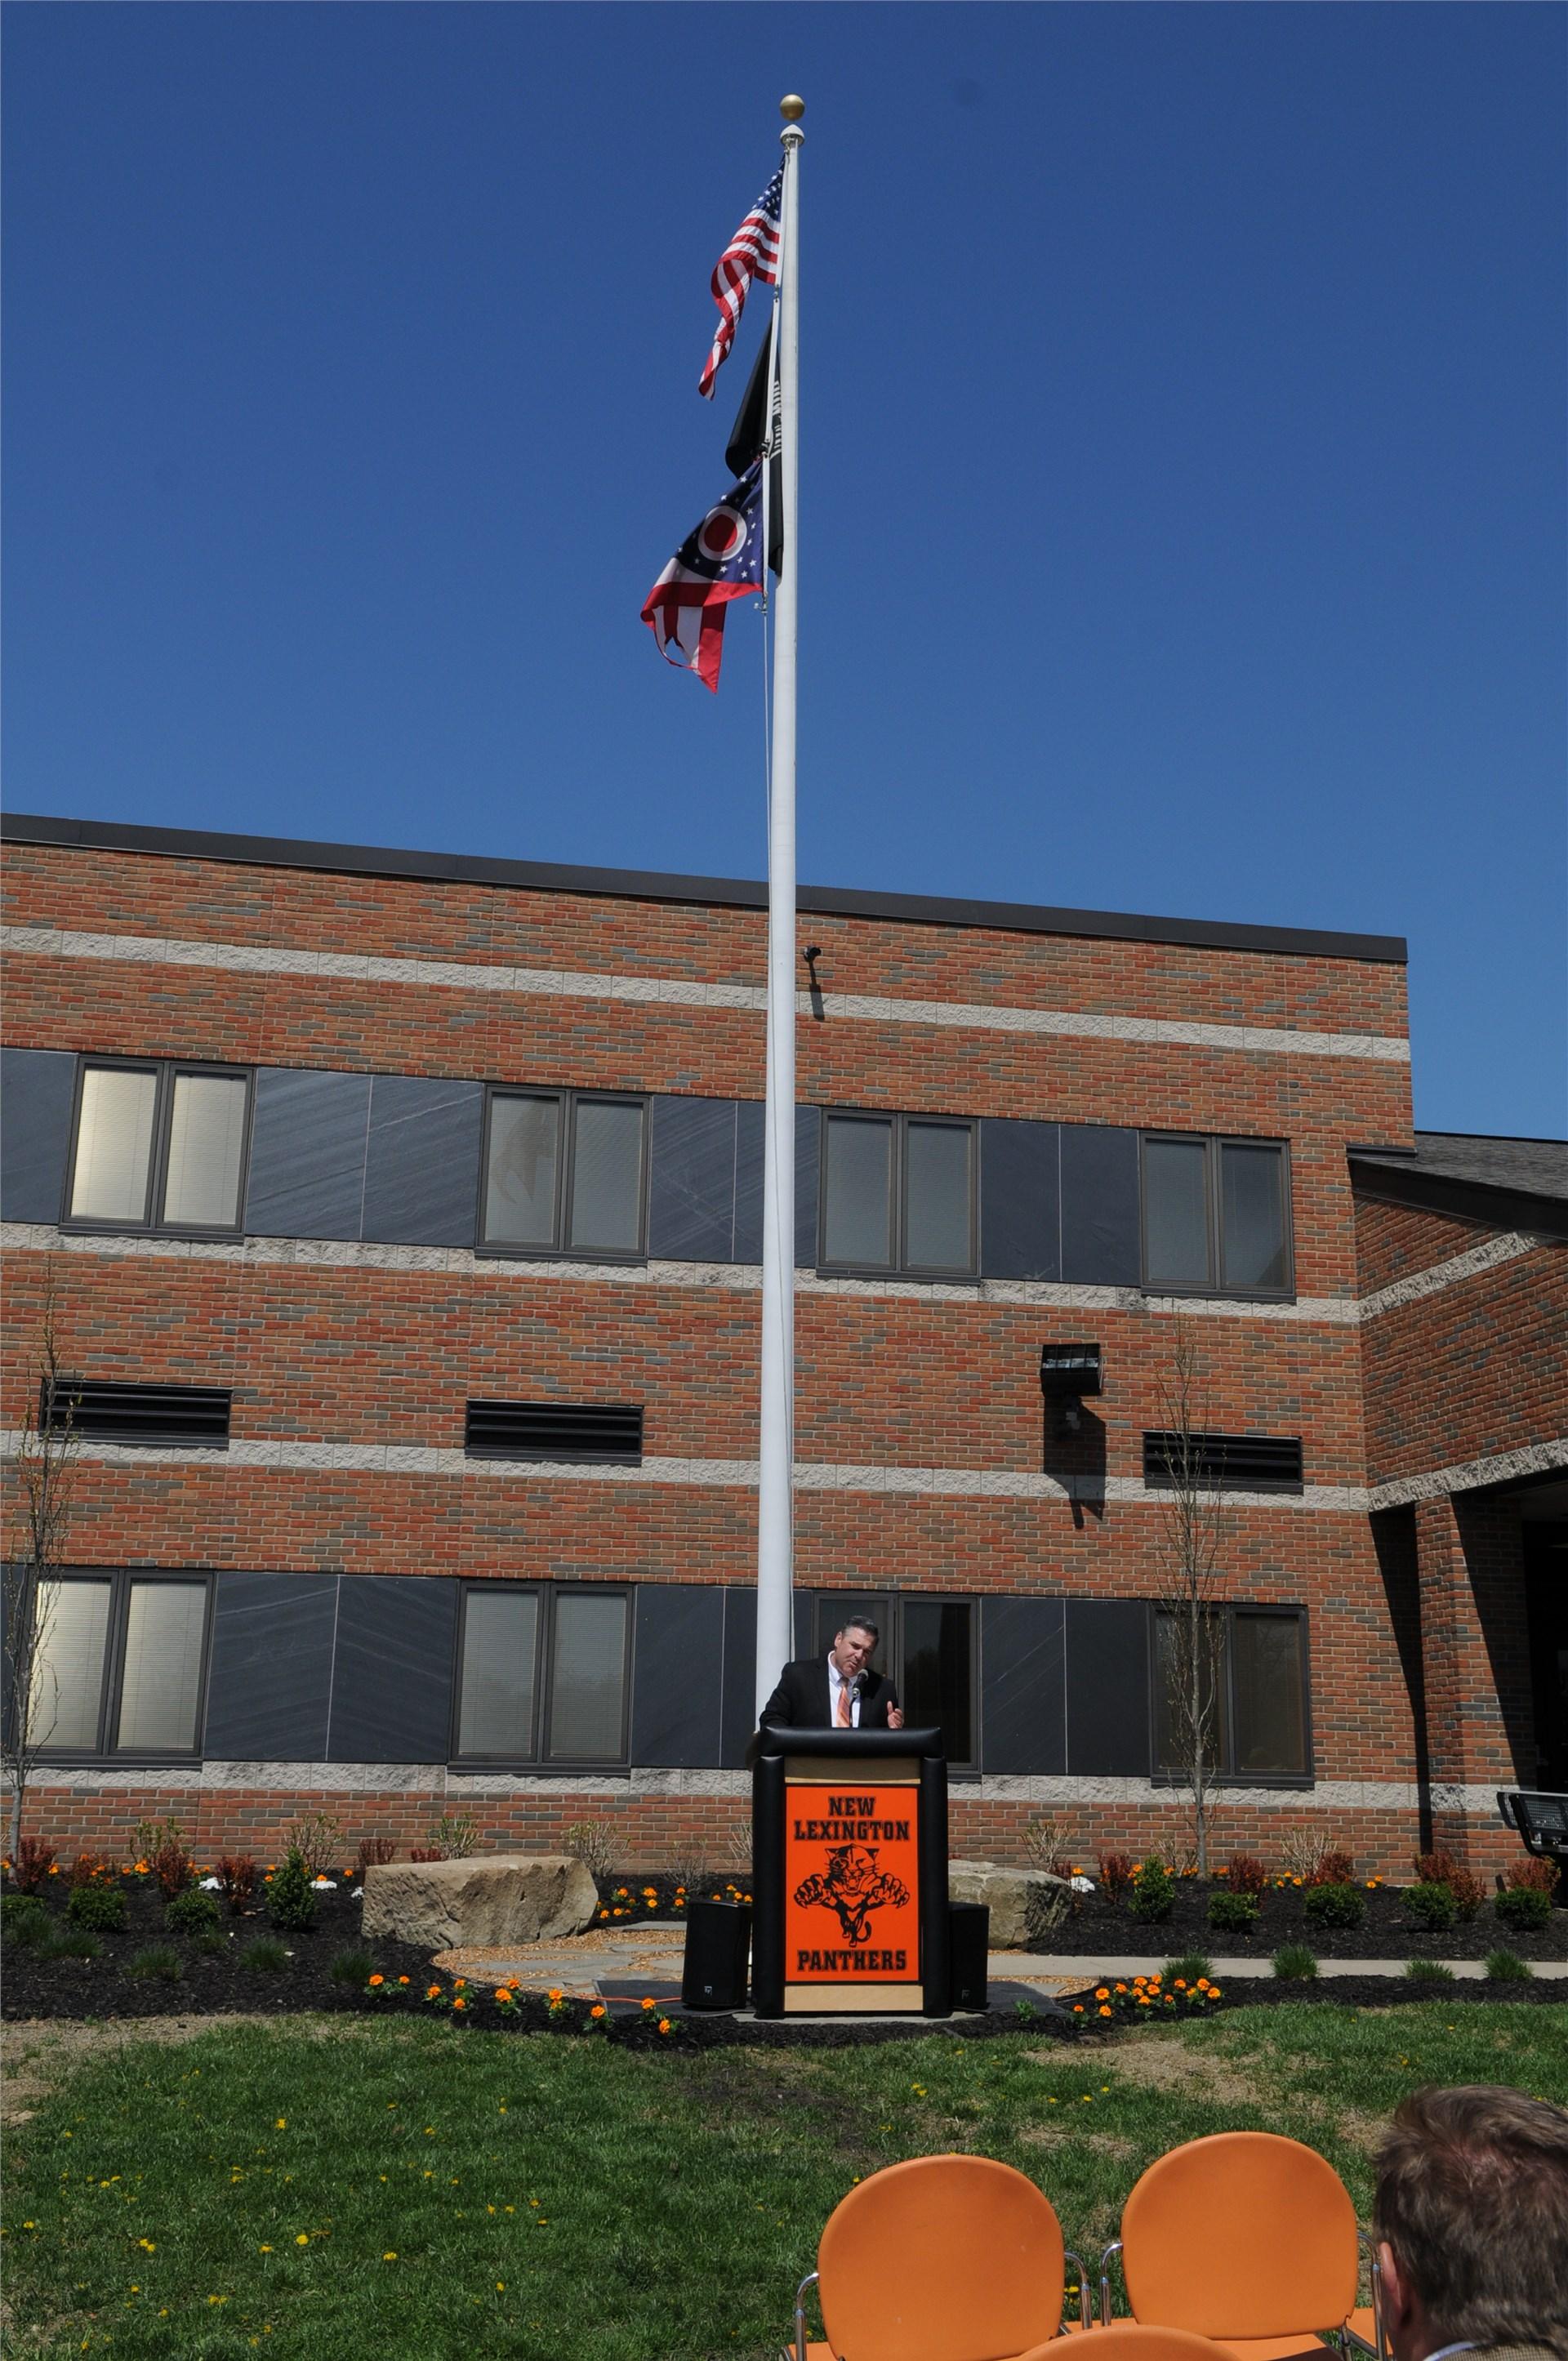 New Lexington City Schools Home